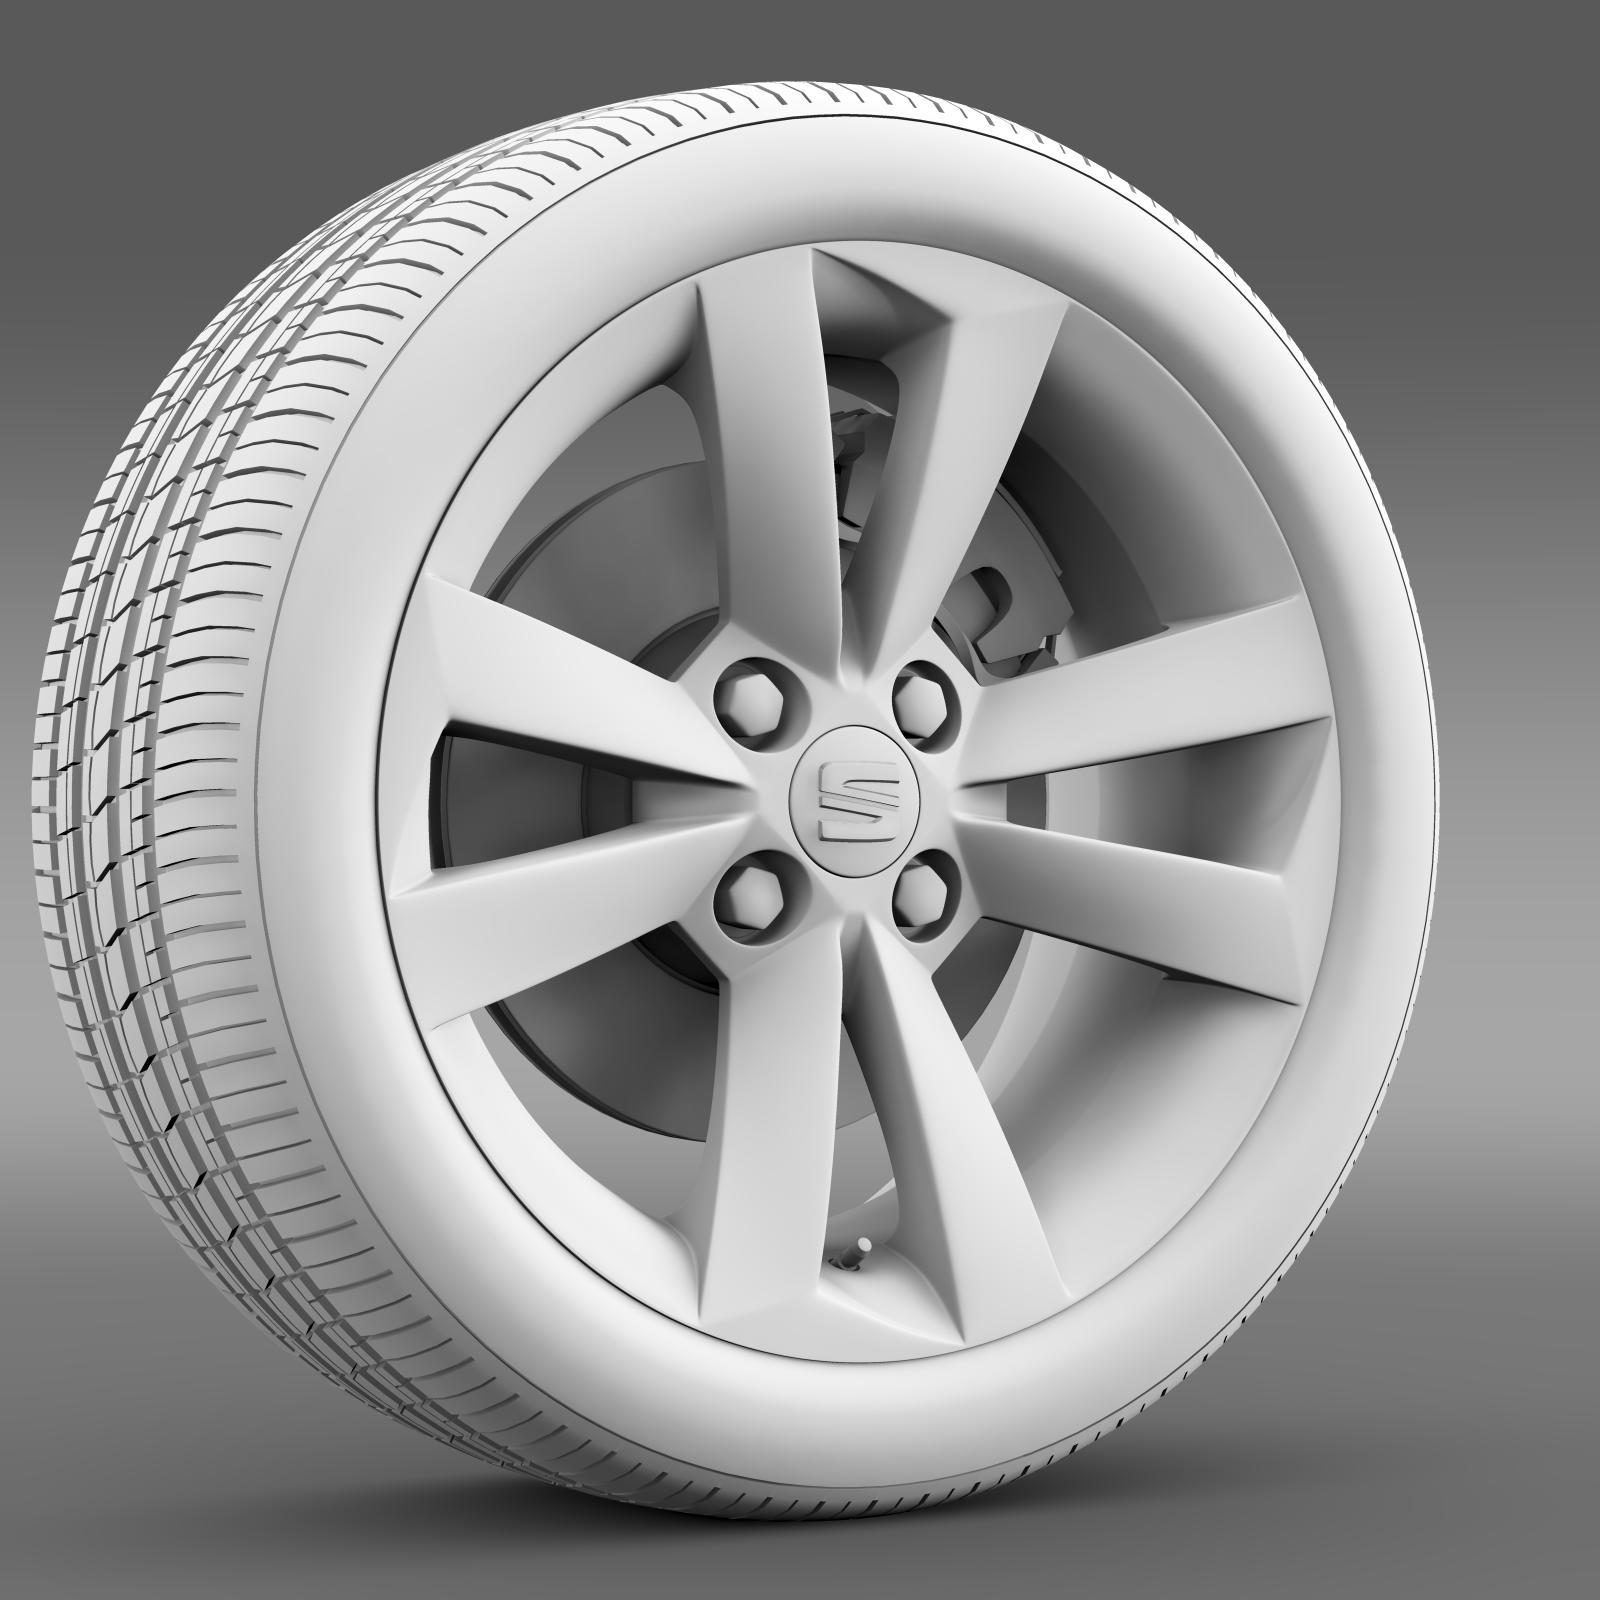 seat mii vibora negra wheel 3d model 3ds max fbx c4d lwo ma mb hrc xsi obj 210850